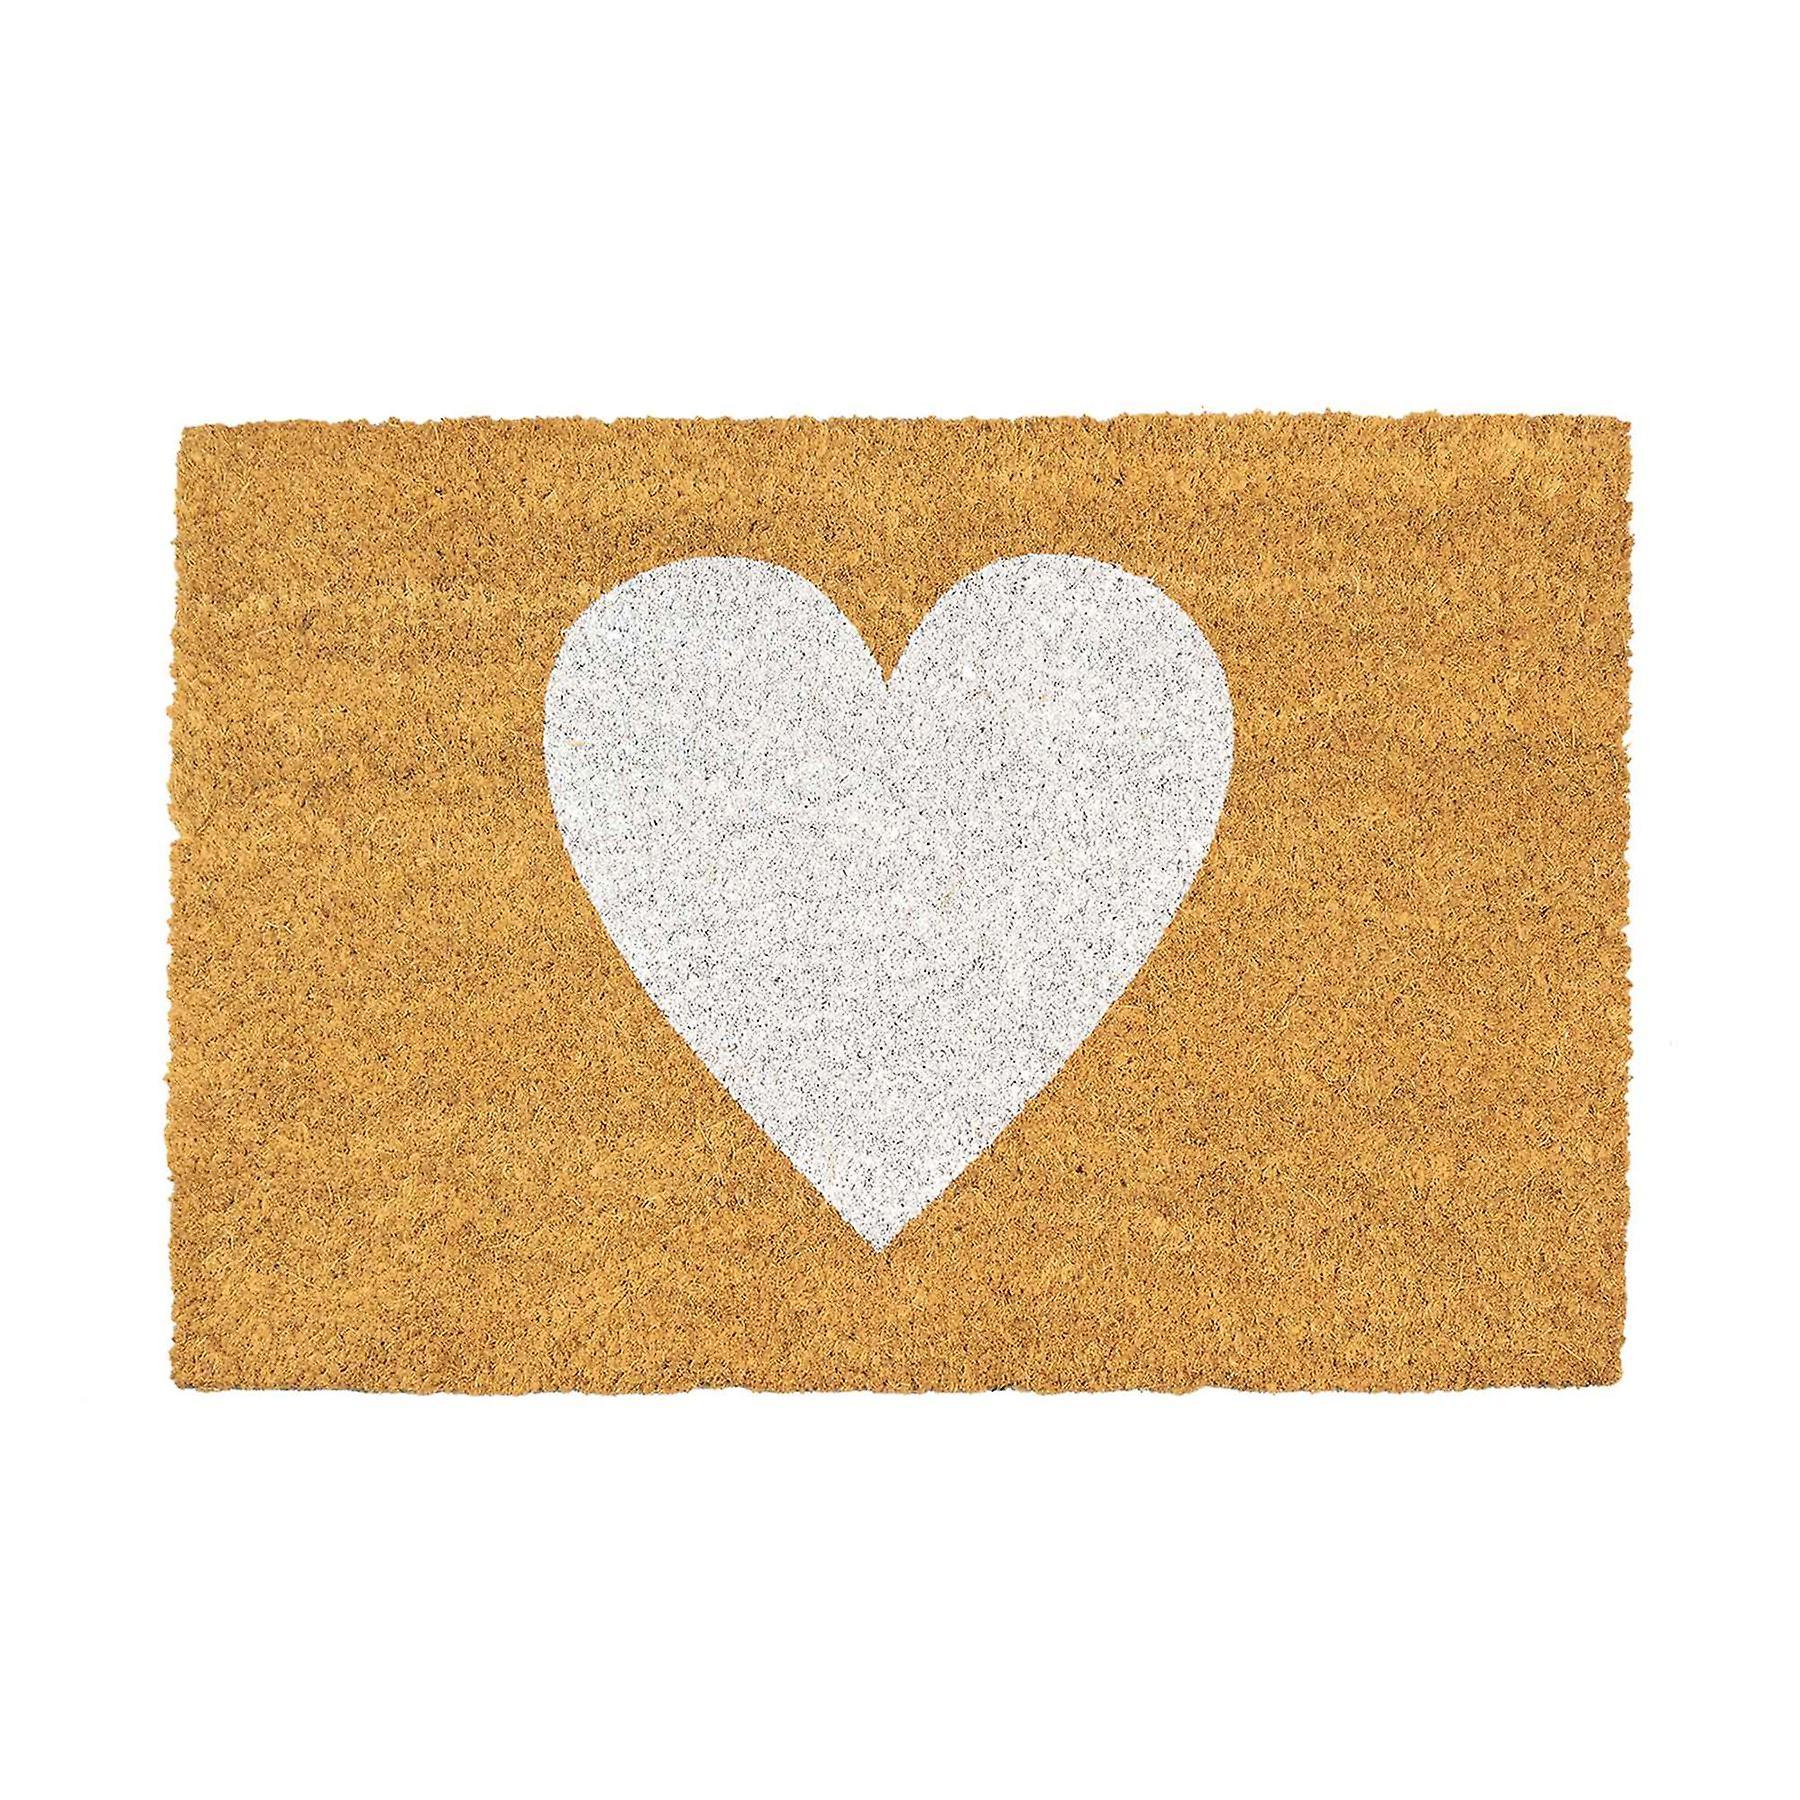 White heart doormat 2x3